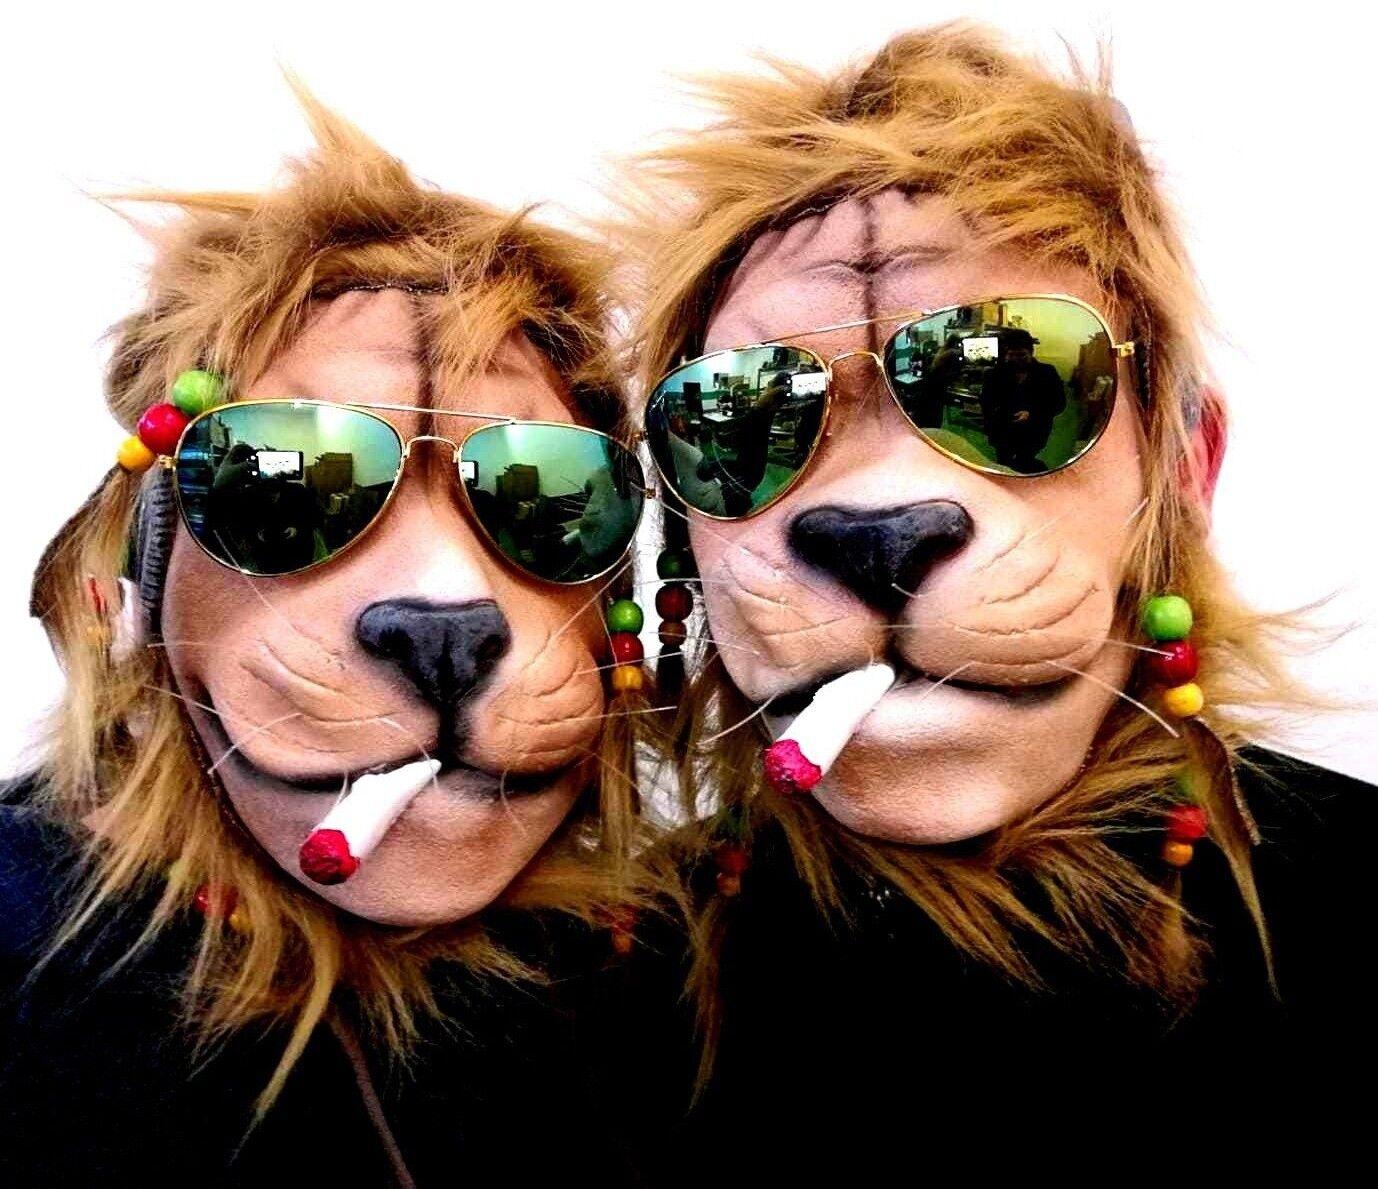 2 x Maske Löwe Joint Rasta Rasta Rasta Zöpfe Brille Reggae Tiermaske Partylöwe Hippie | Rich-pünktliche Lieferung  808cc8